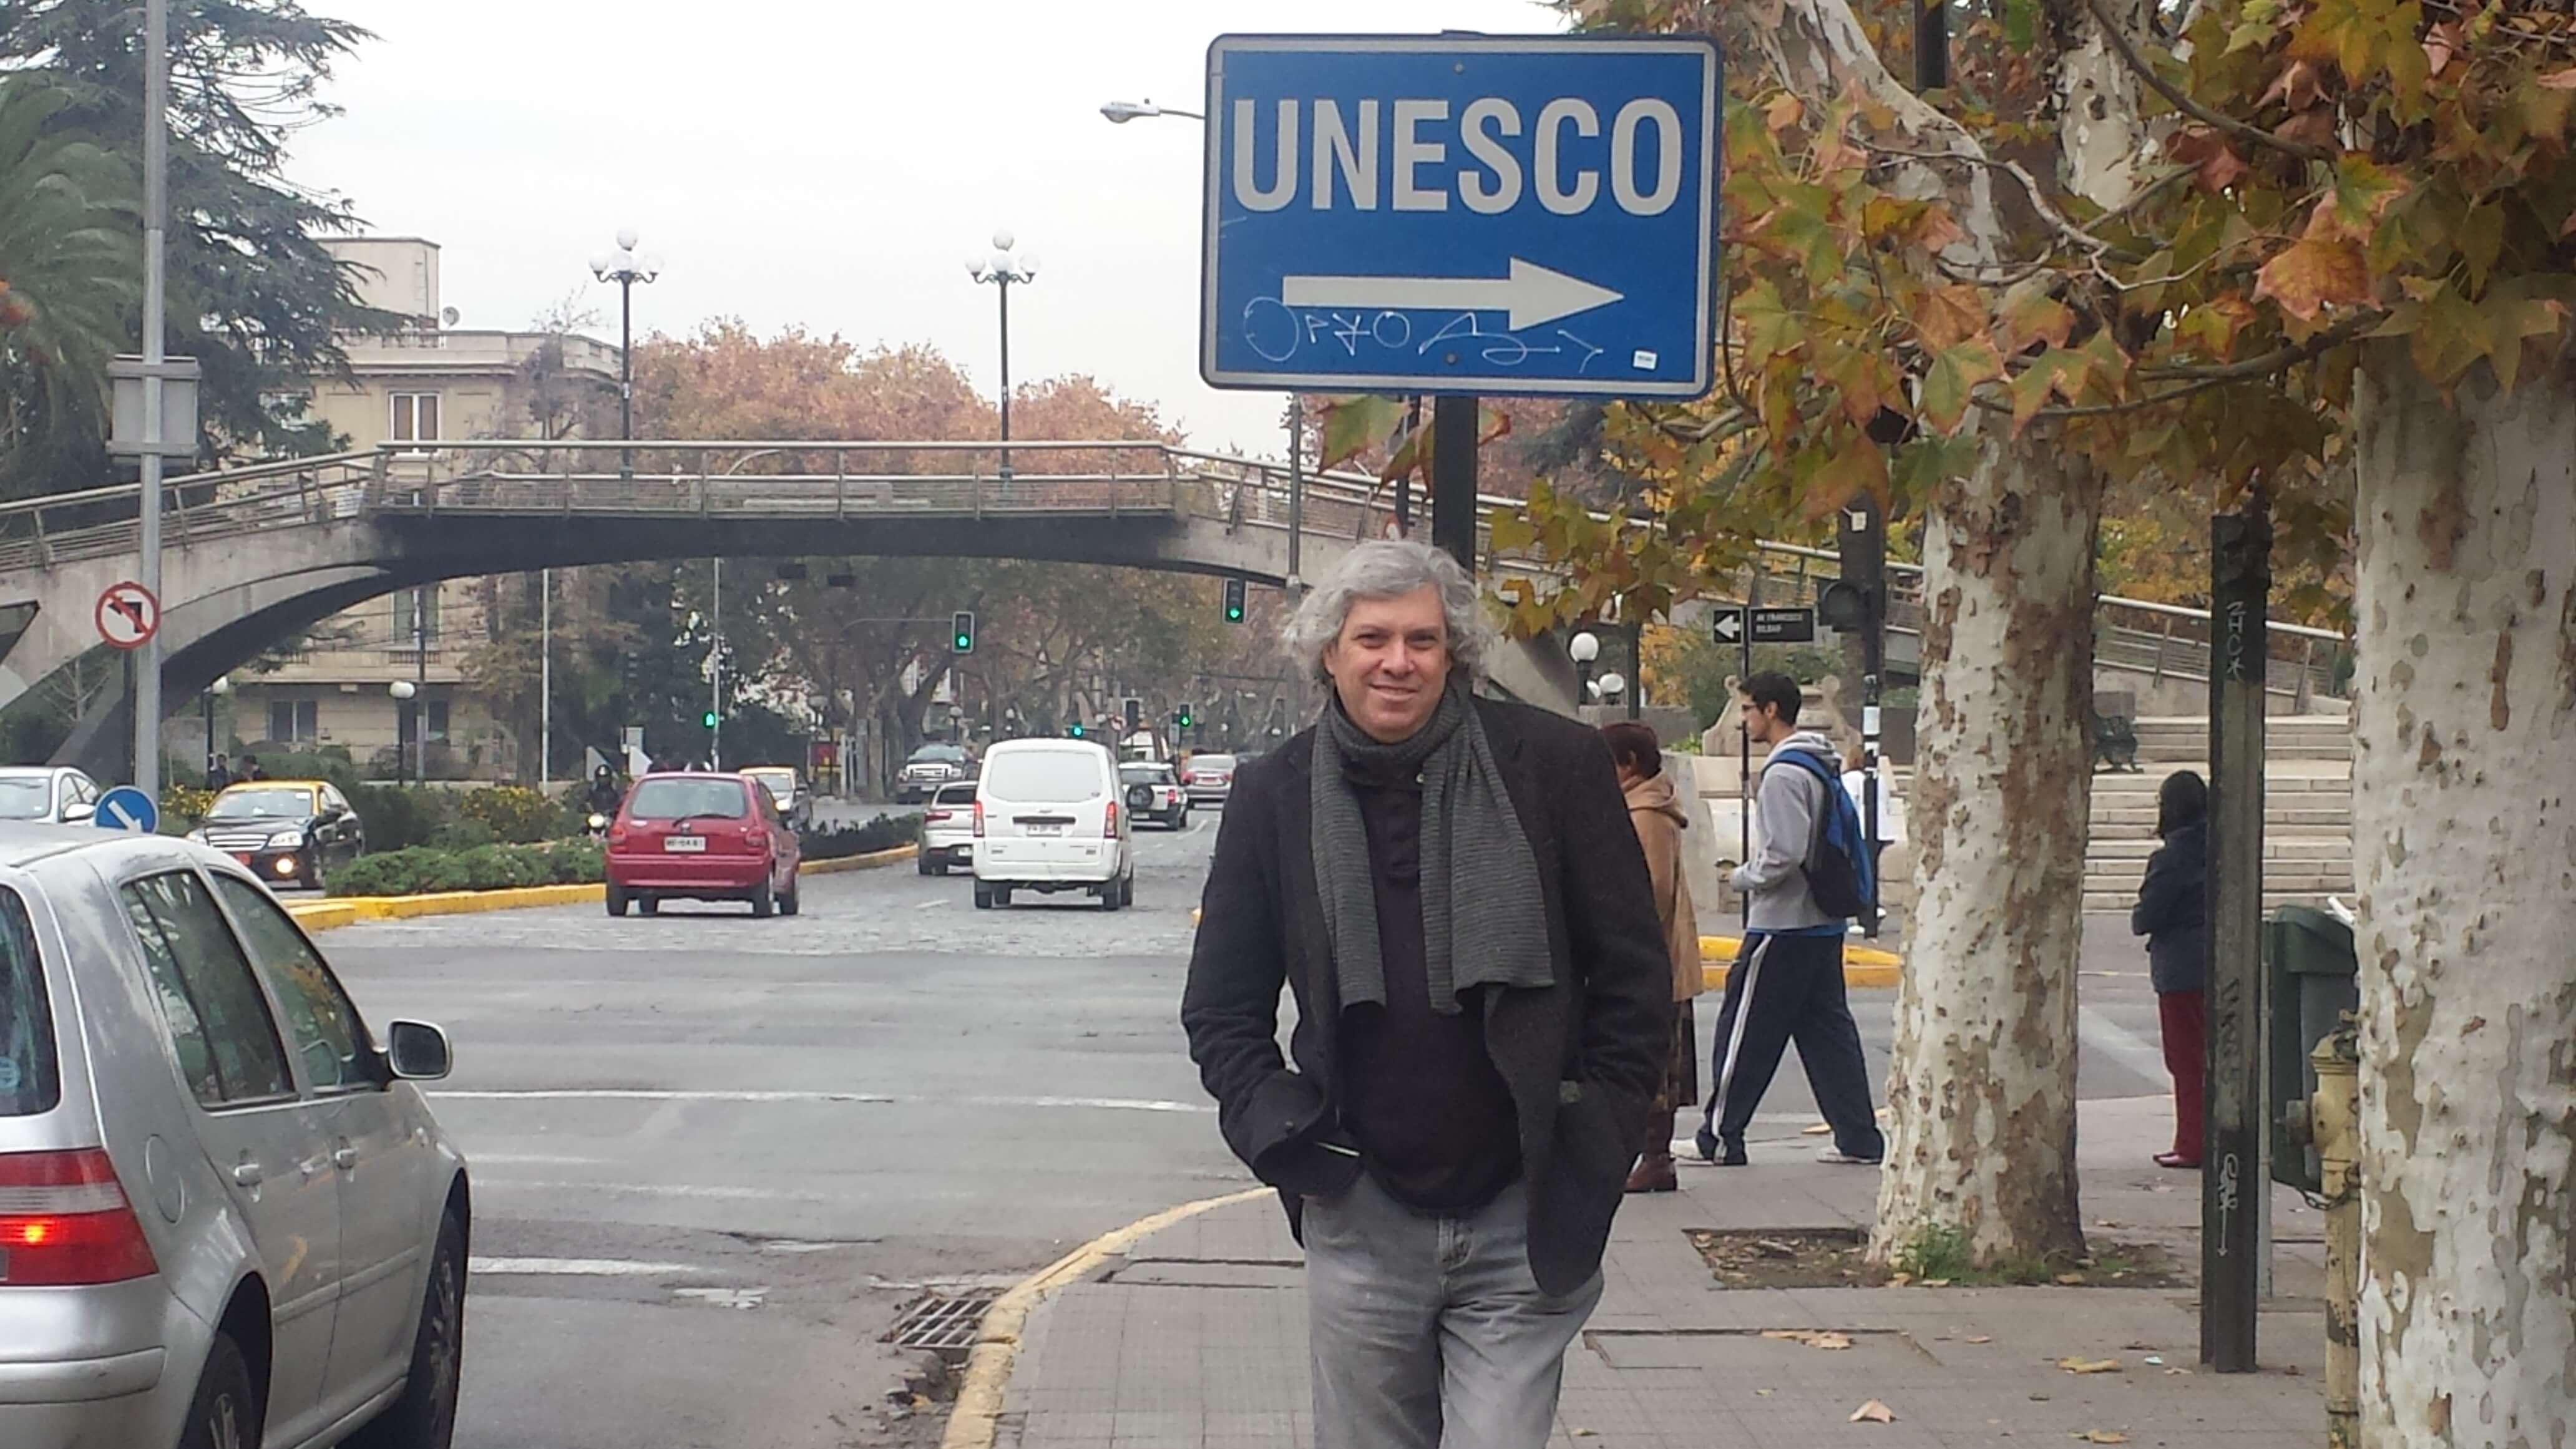 Foto unesco